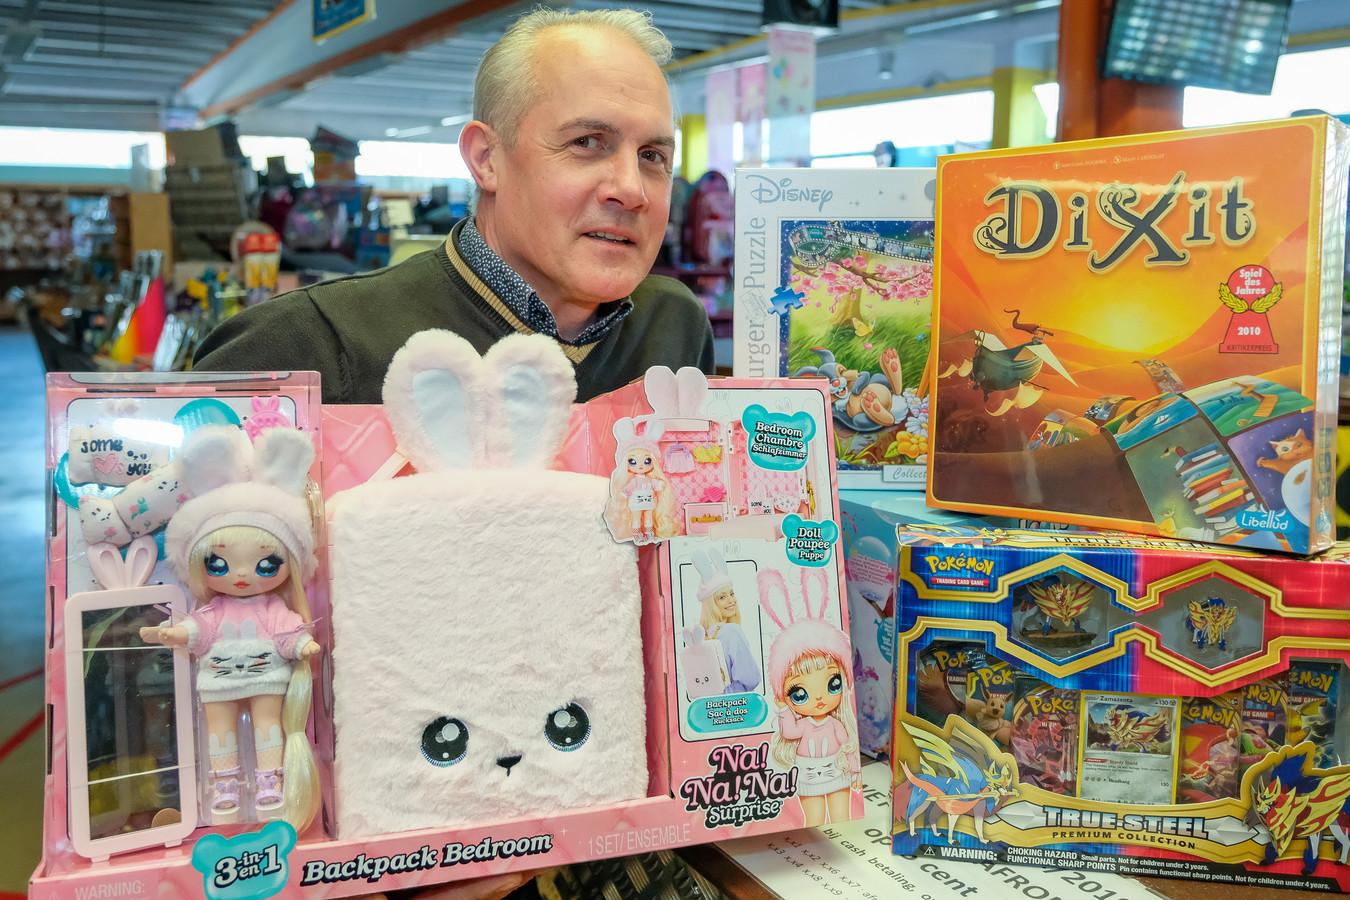 Speelgoedwinkel Toys Tempel van Gert Cools (55) - Londerzeel